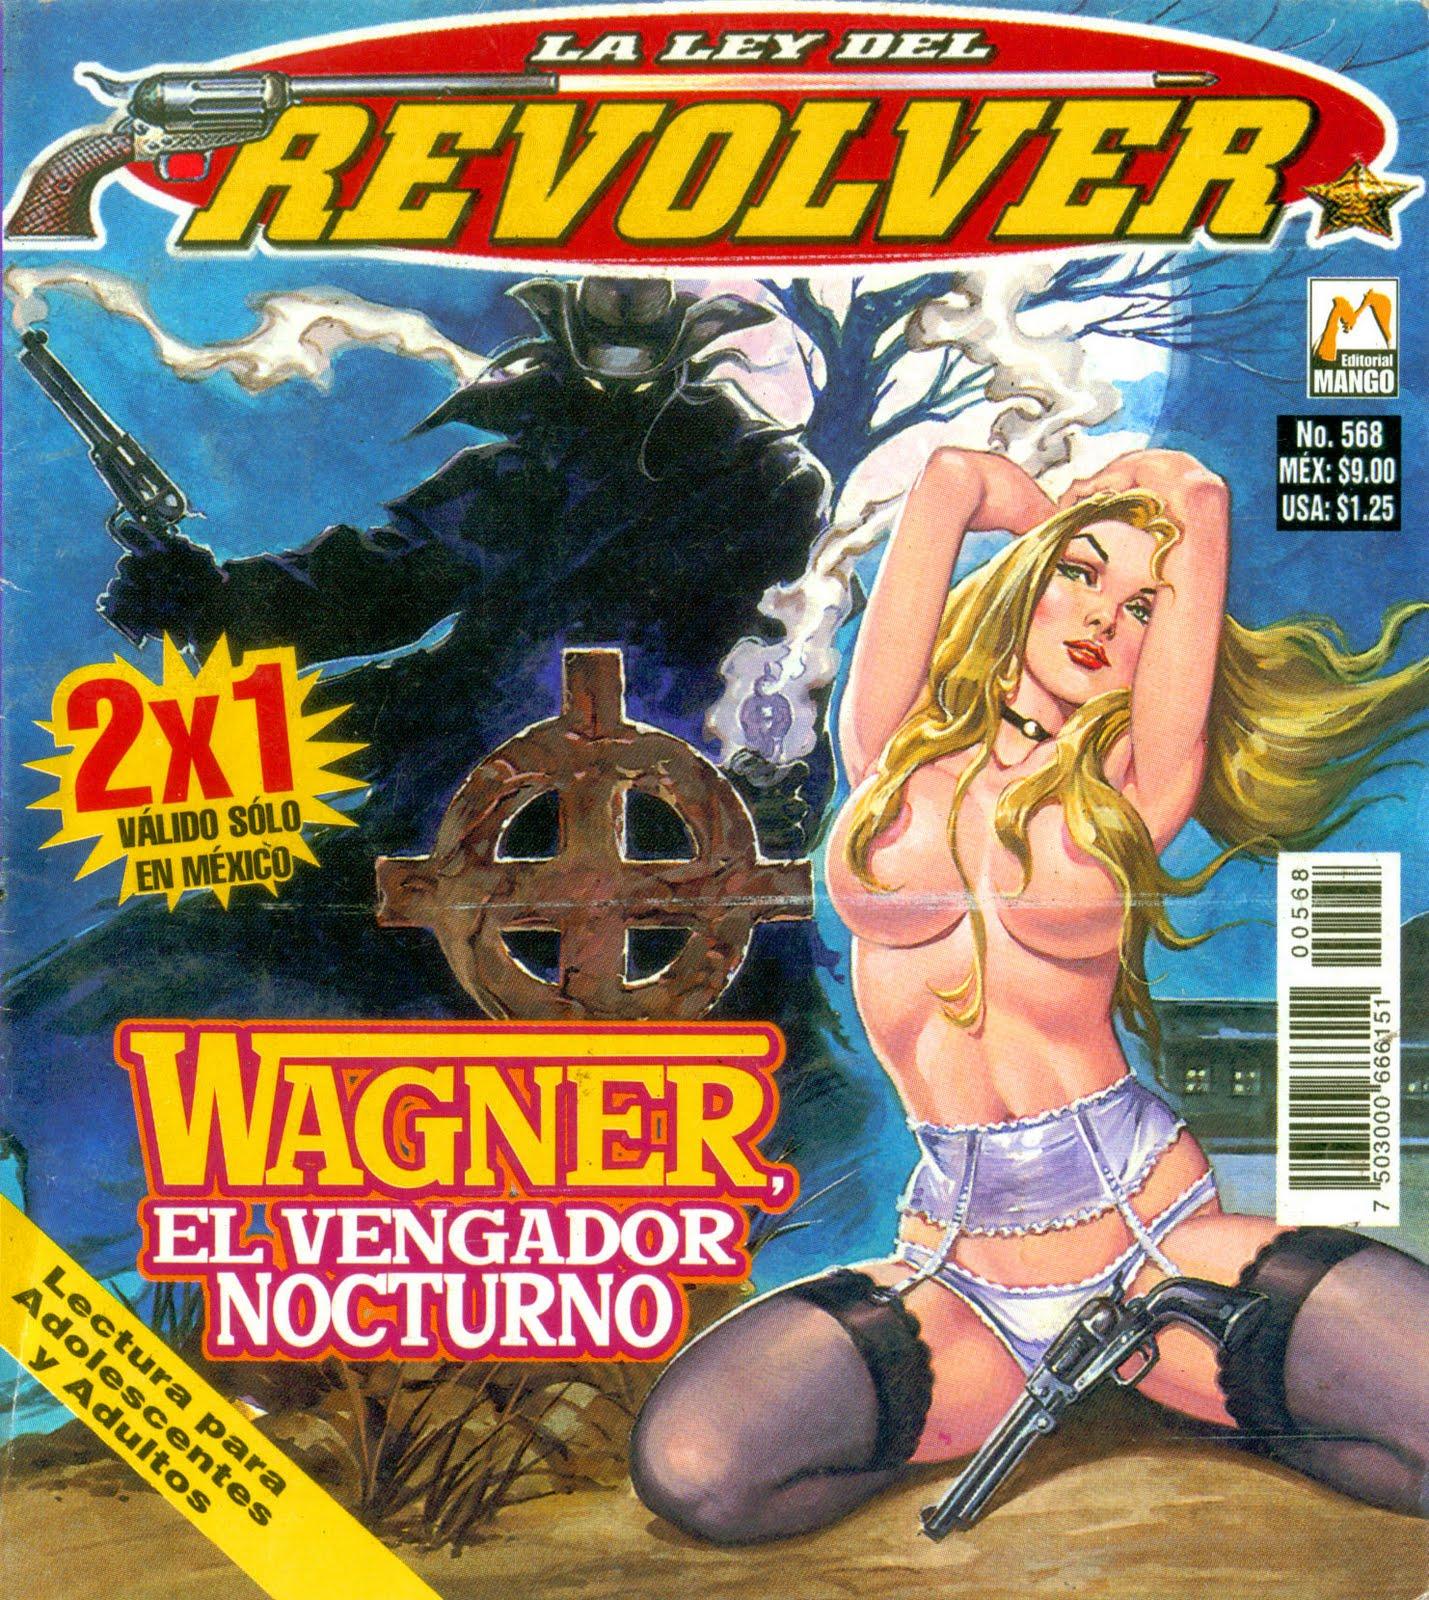 la_ley_del_revolver_no568